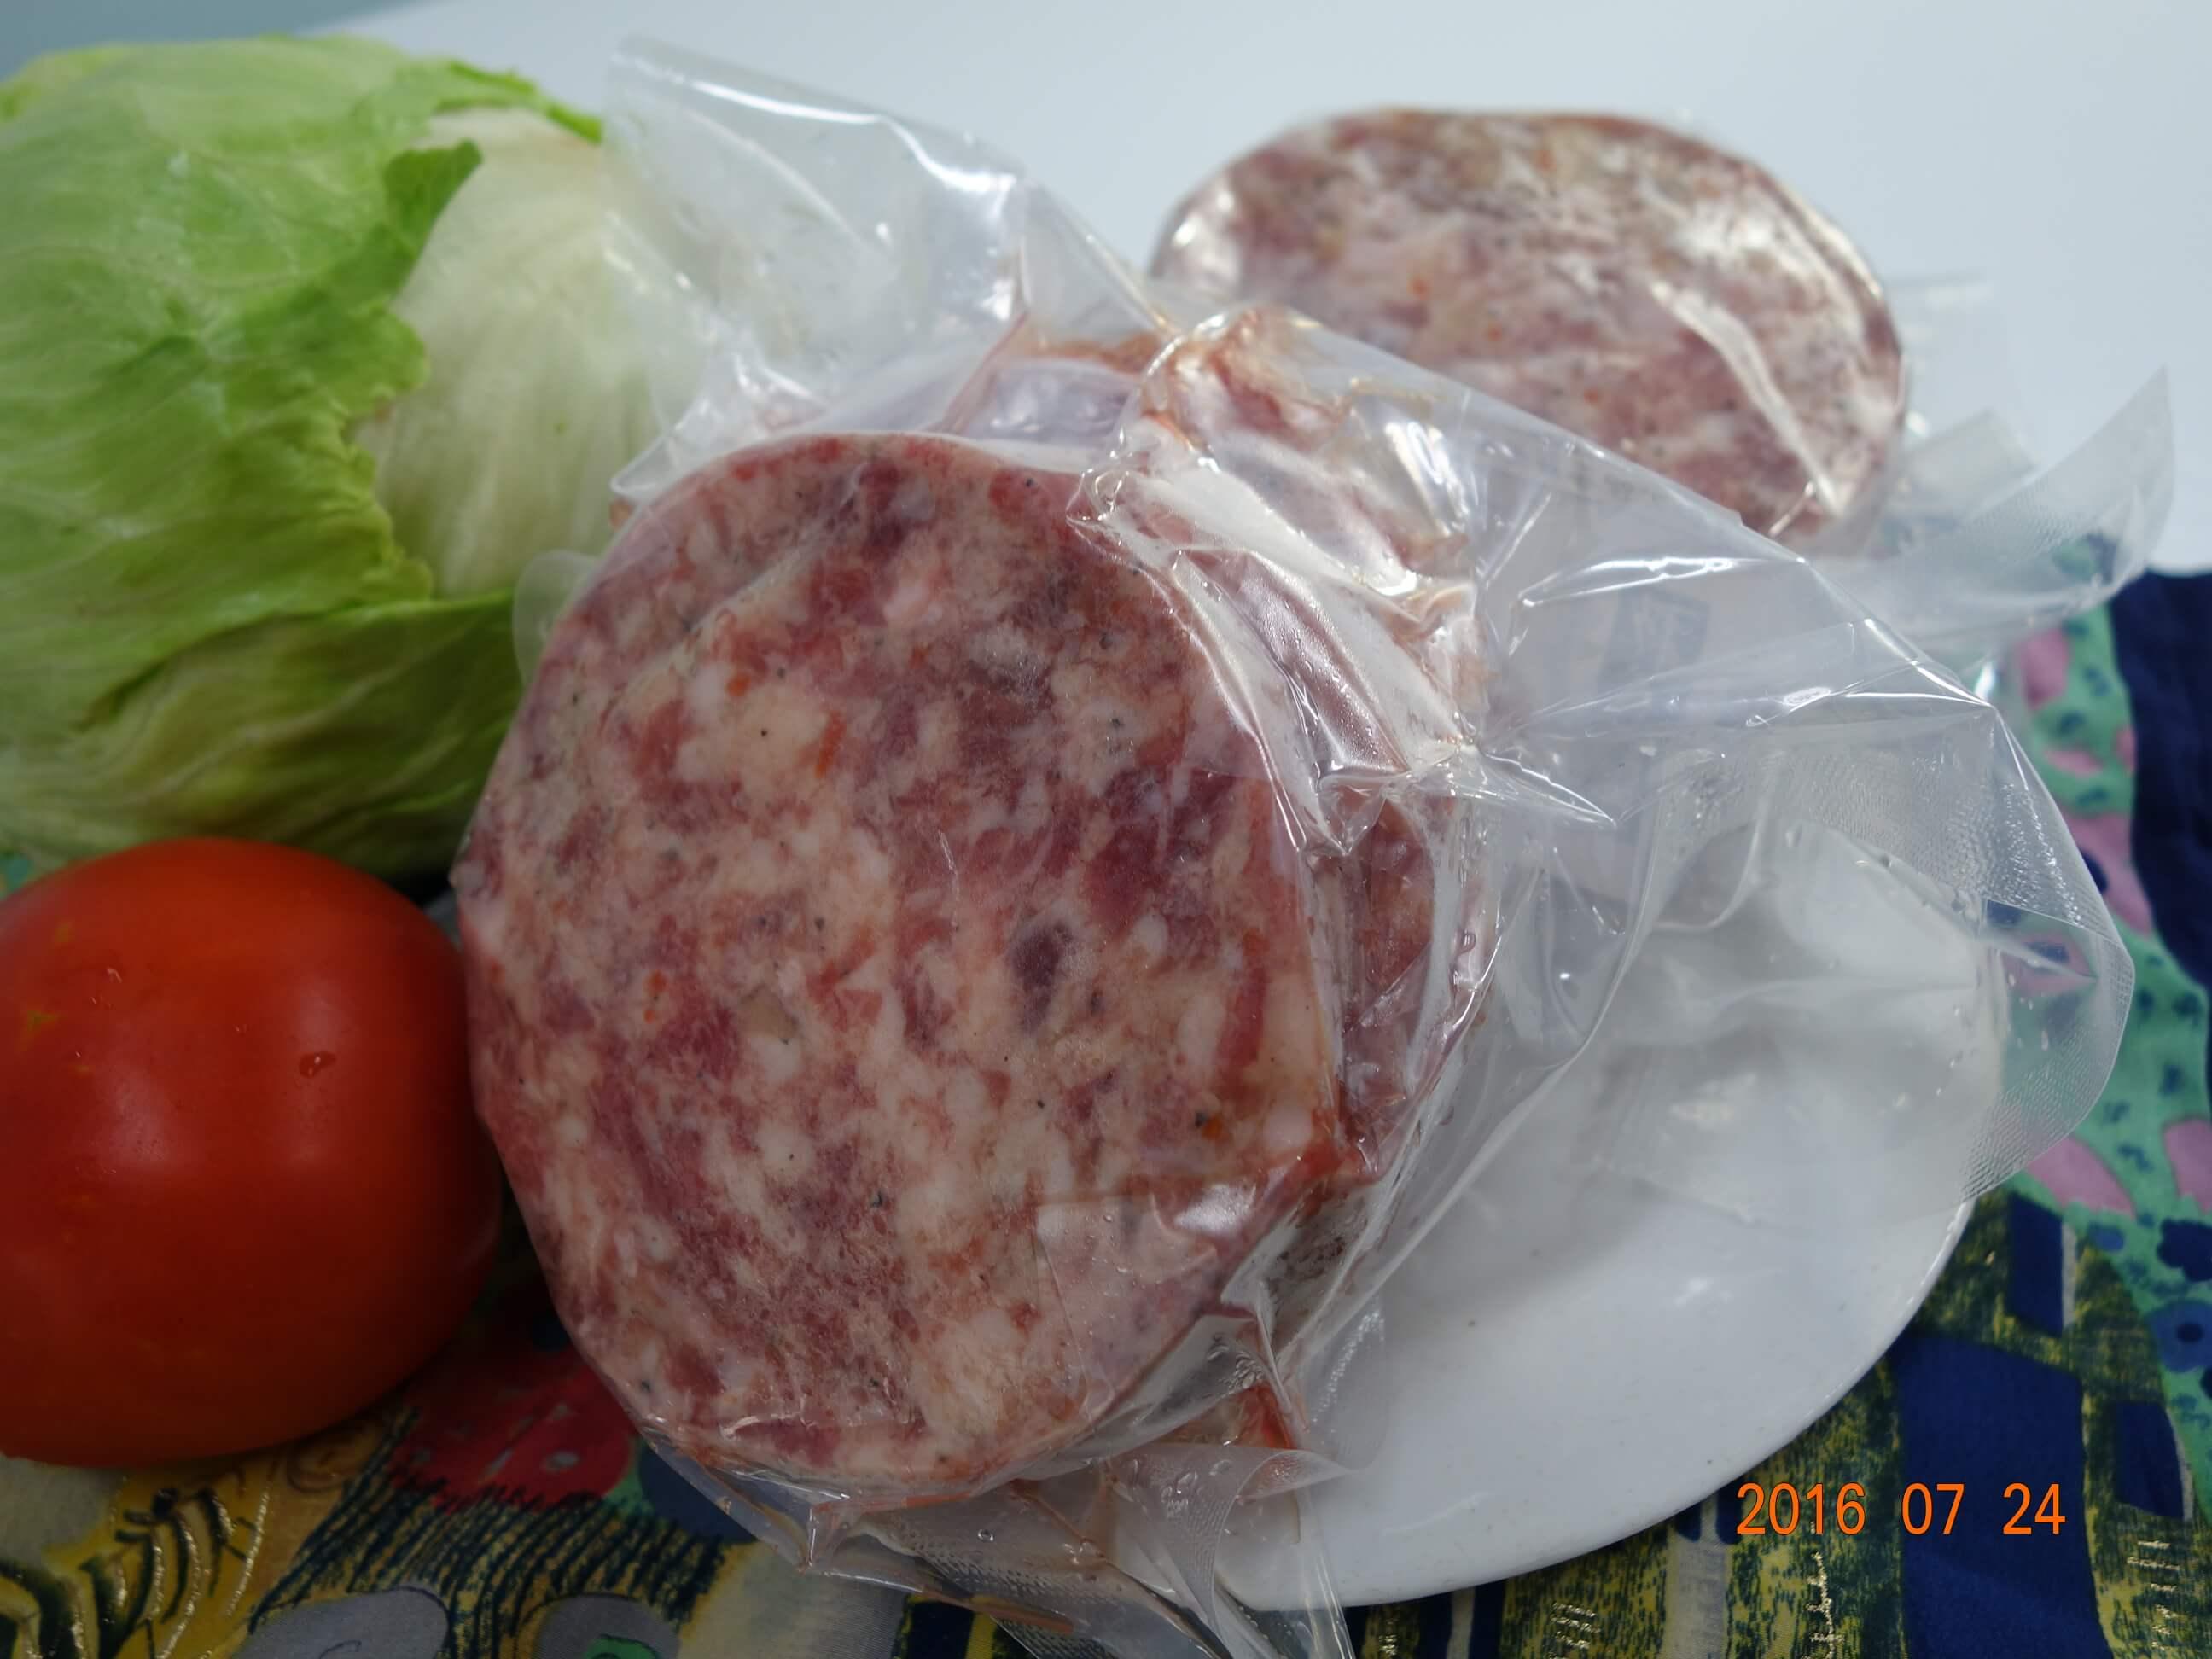 【阿丁健天然食品工坊】豬肉漢堡肉 容量 : 600公克/七片裝